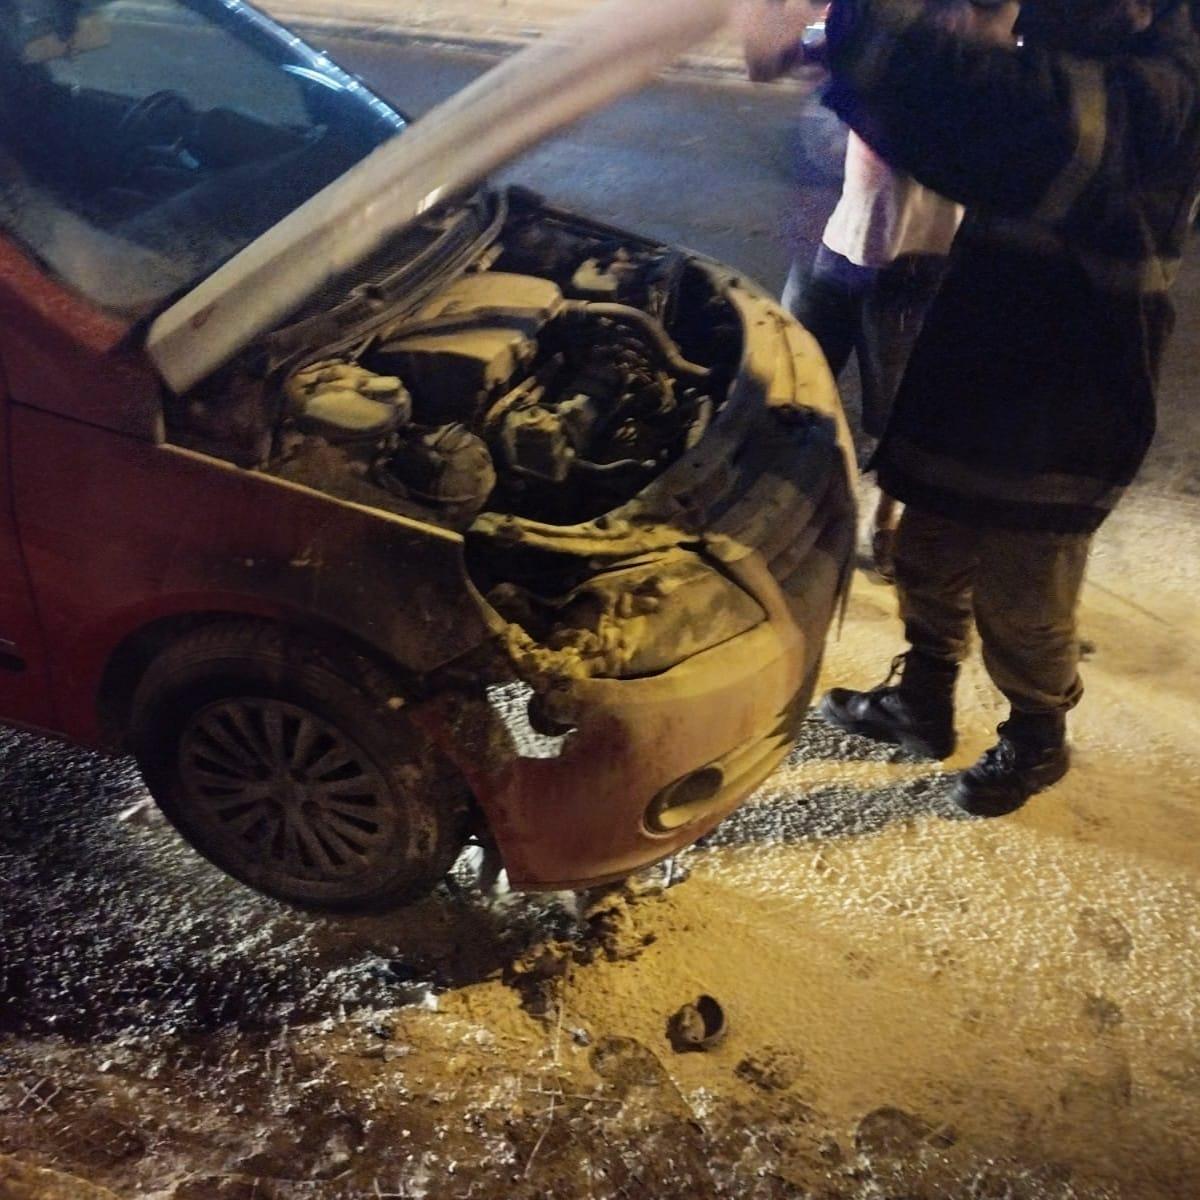 Bombeiros de Maracanaú atendem ocorrência de incêndio em veículo